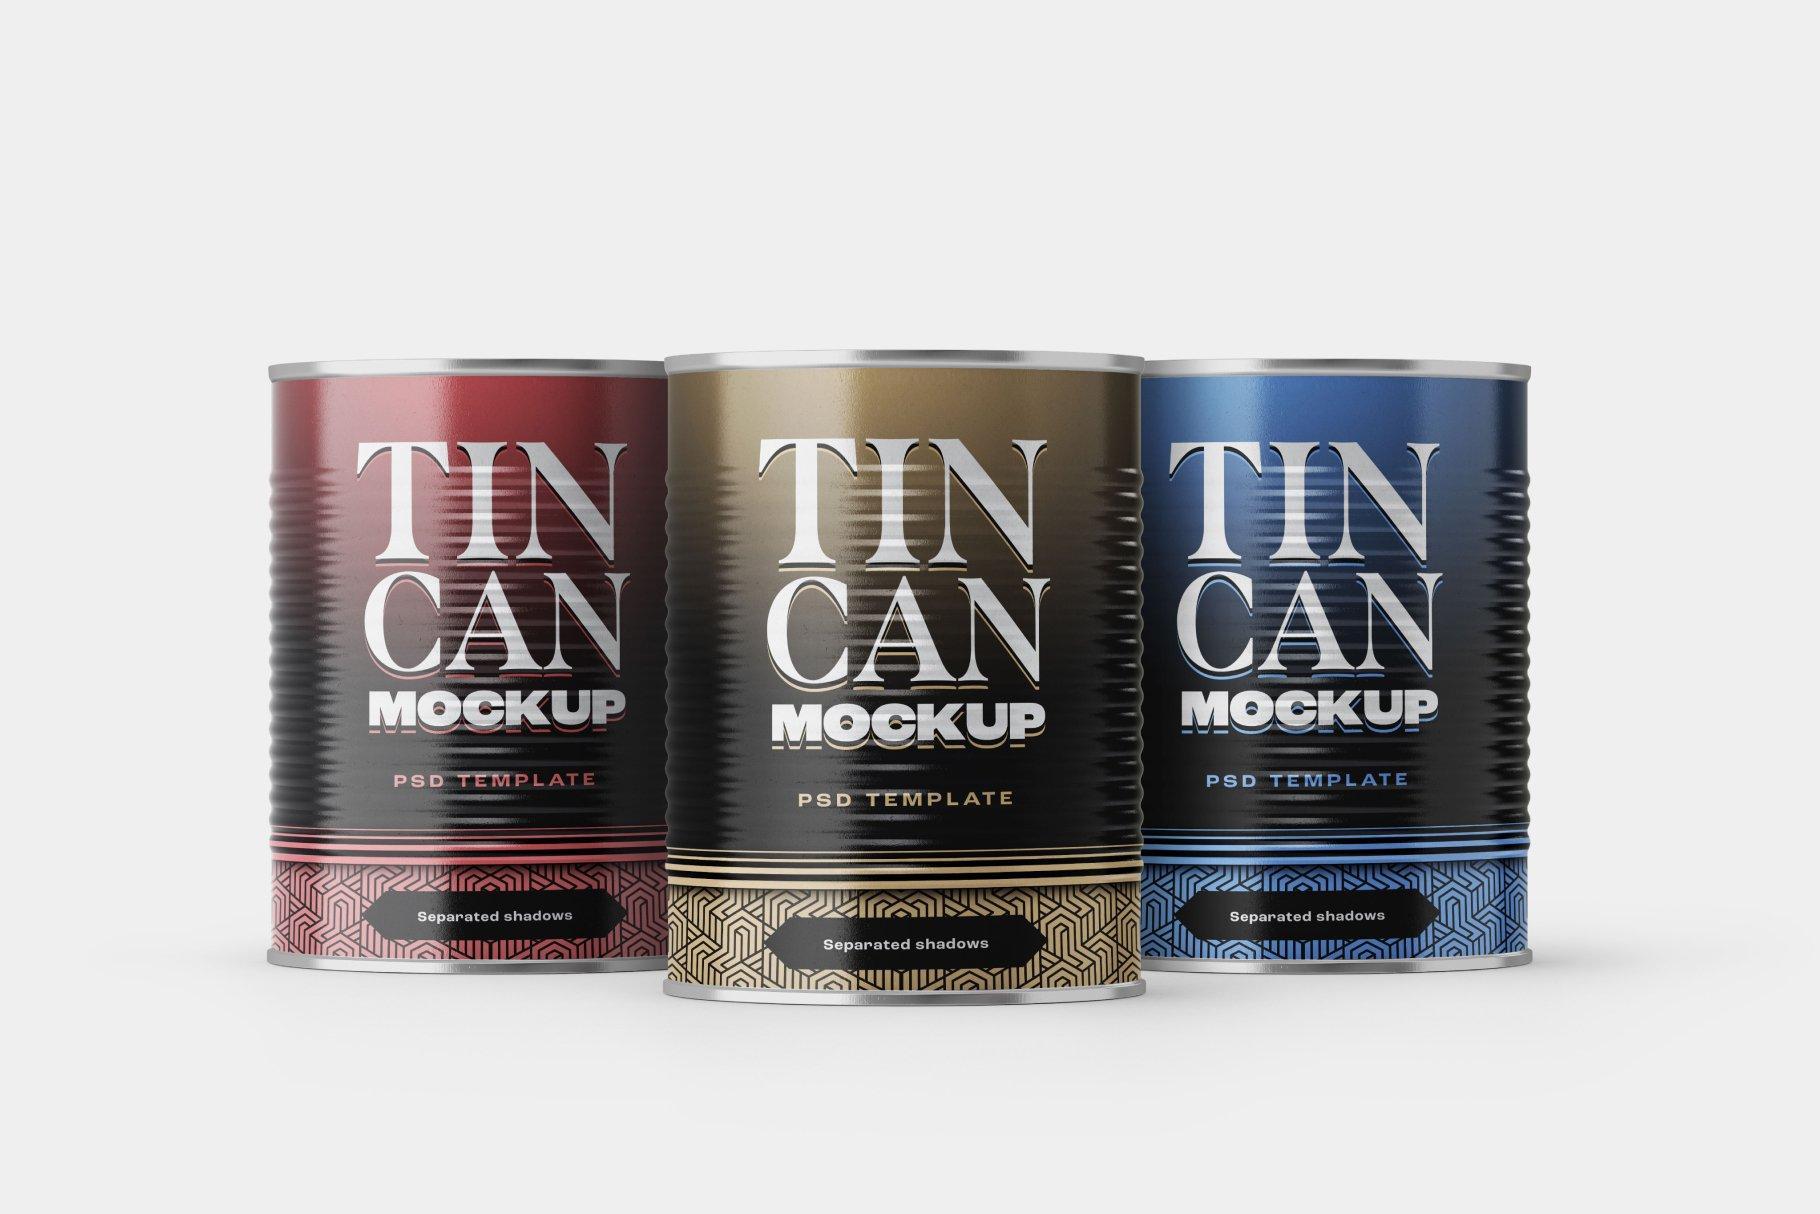 9款食品罐头金属锡罐包装样机模板素材合集 Tin Can Mockup Set | Conserve插图9